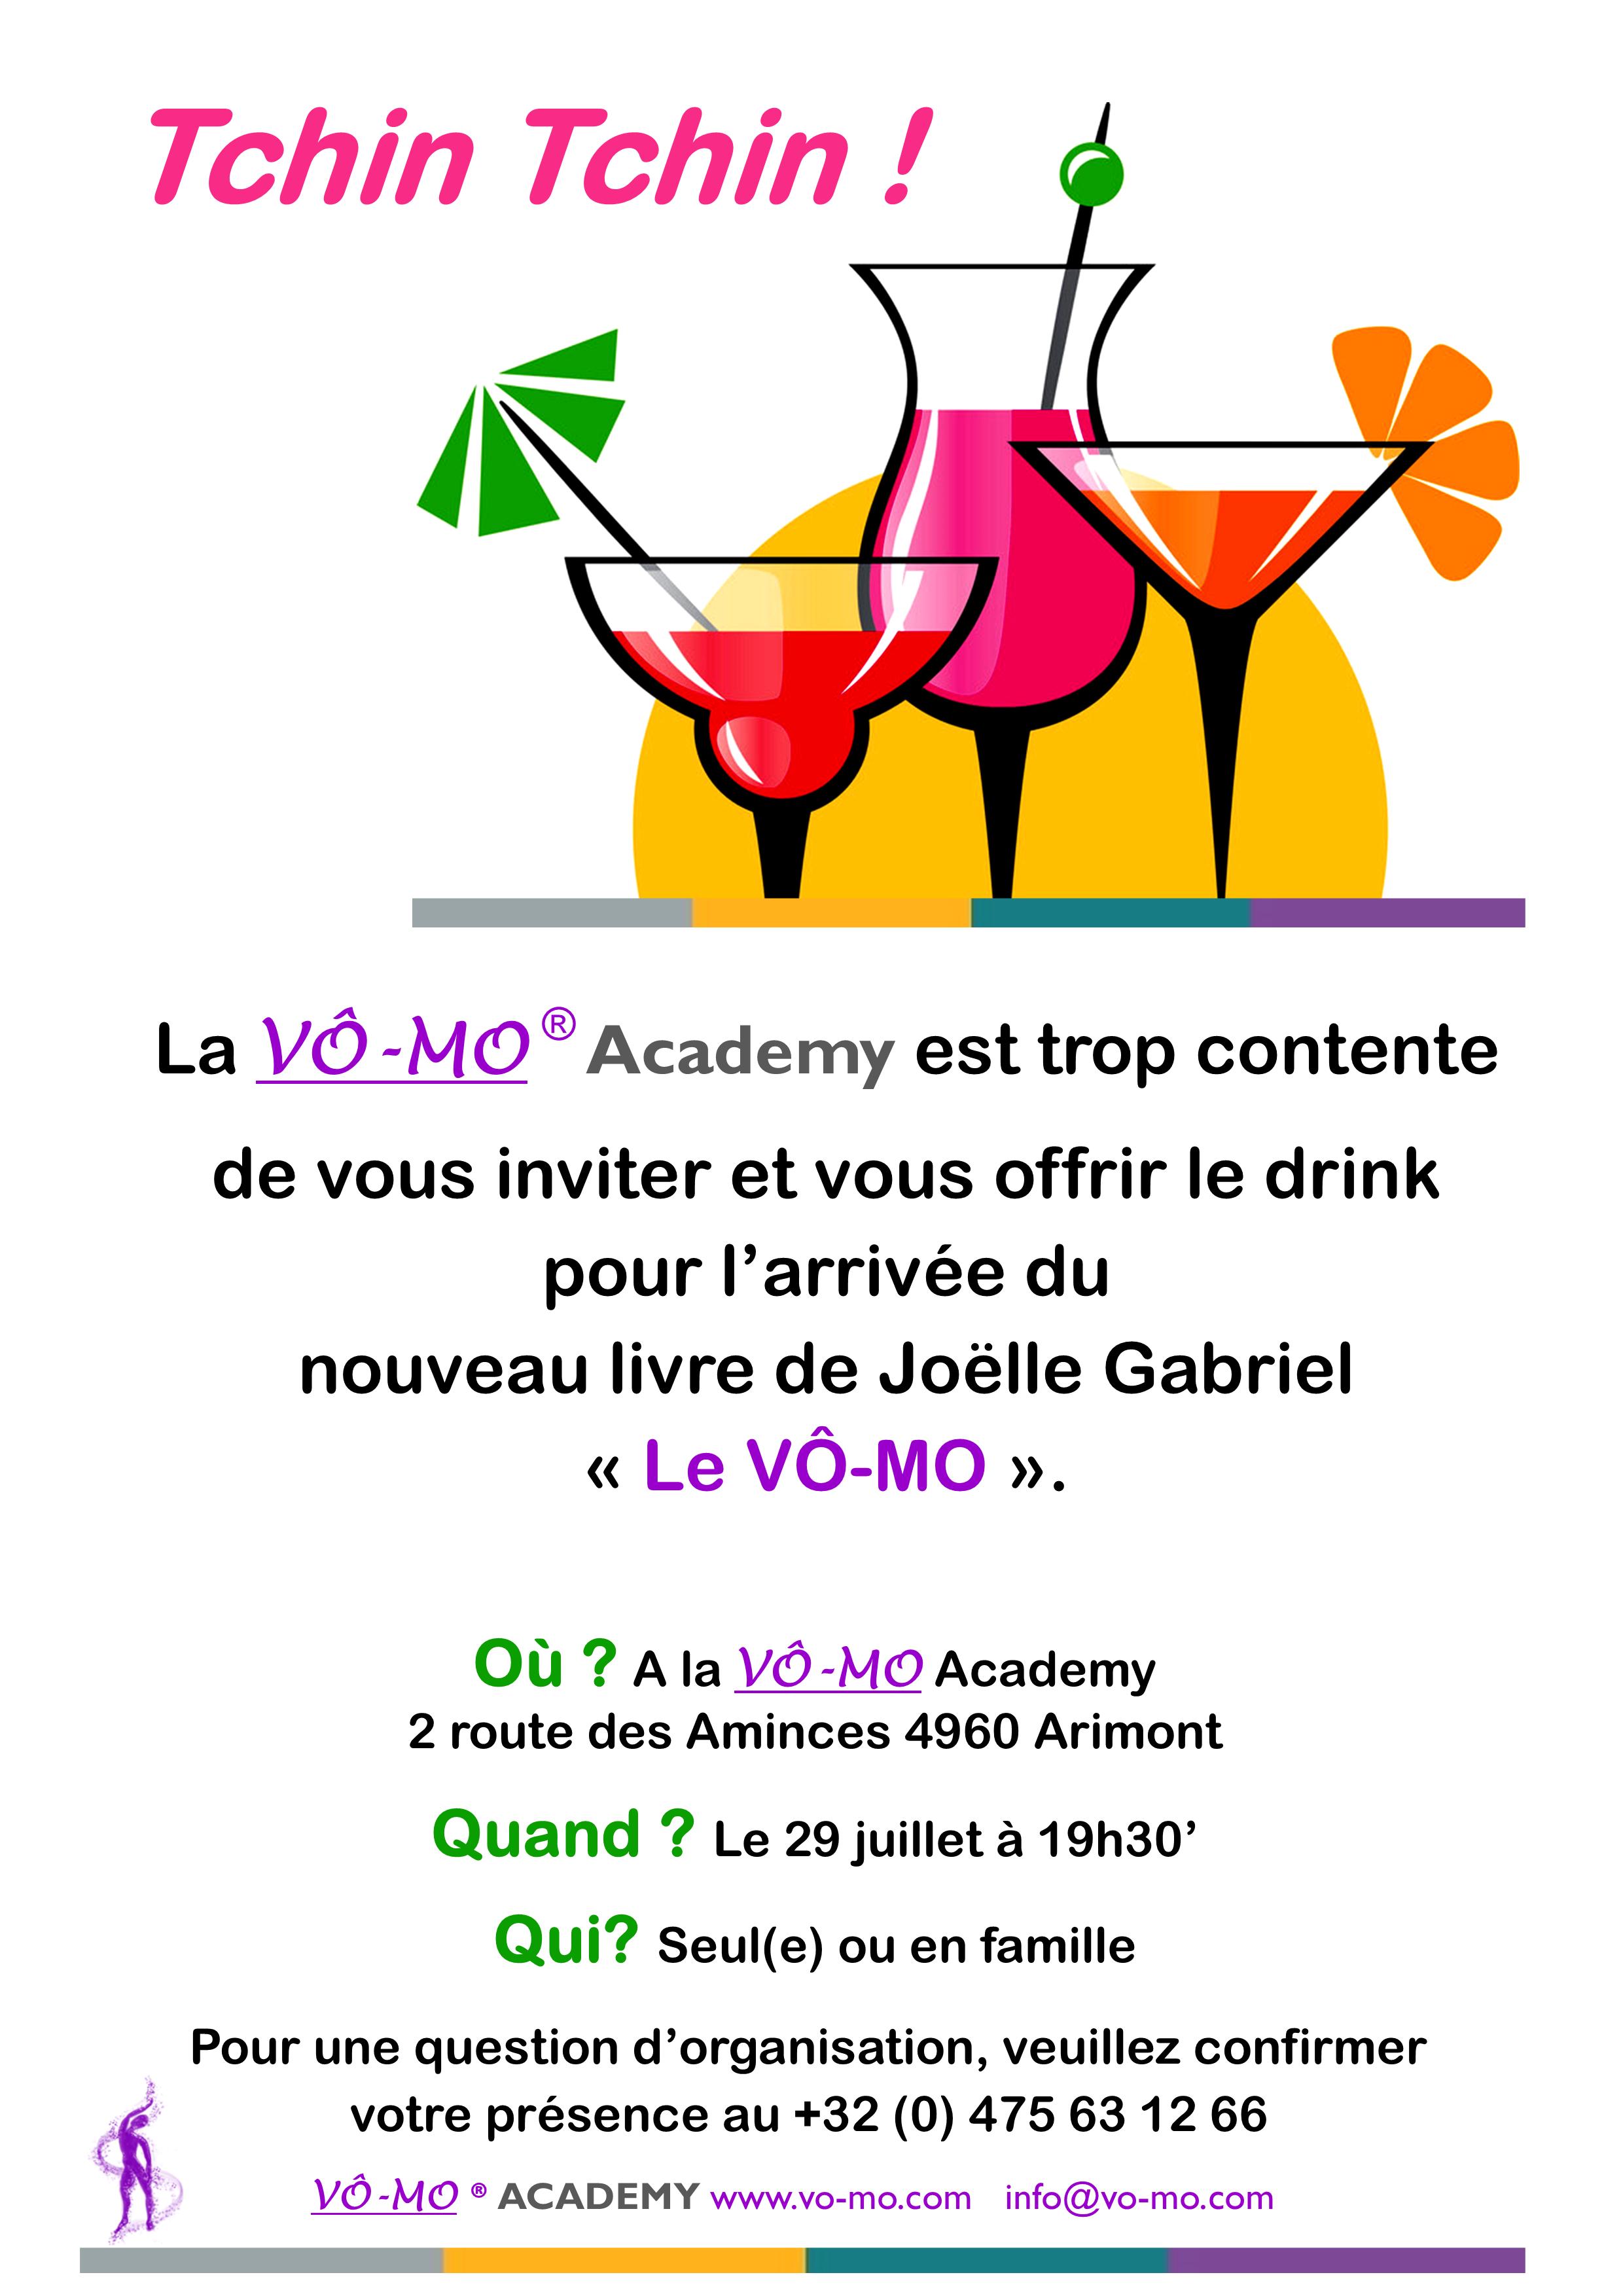 Drink pour l'arrivée du nouveau livre de Joëlle Gabriel @ VÔ-MO Academy